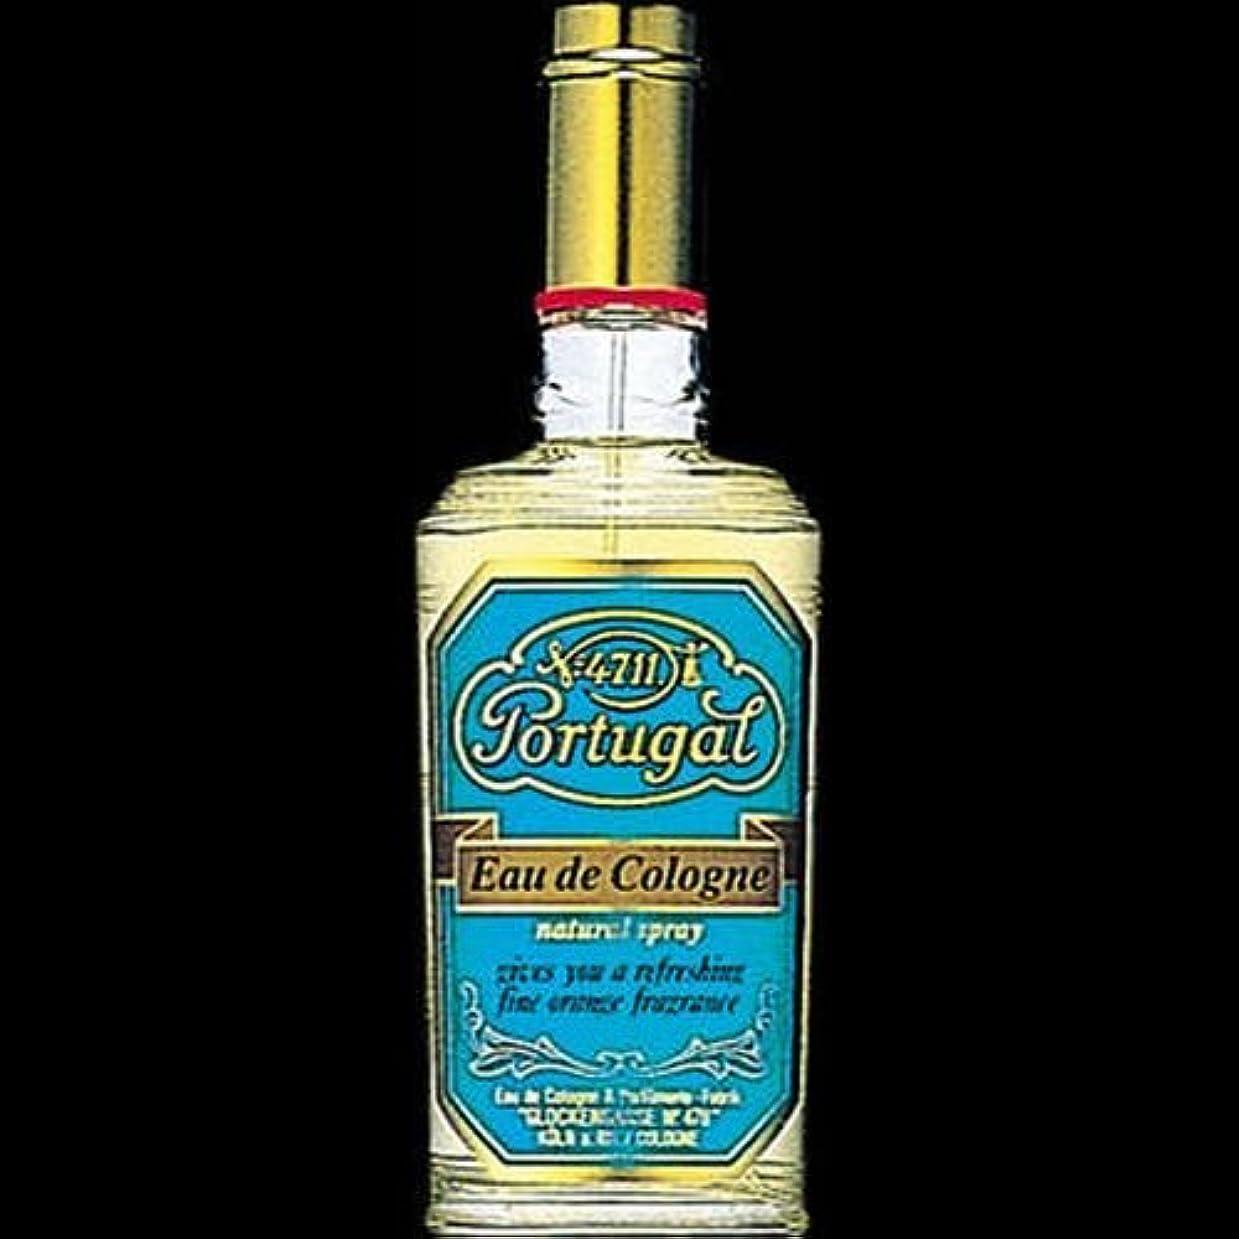 スコットランド人競うシャンパン【まとめ買い】4711 ポーチュガル オーデコロン ナチュラルスプレー 80ml ×2セット